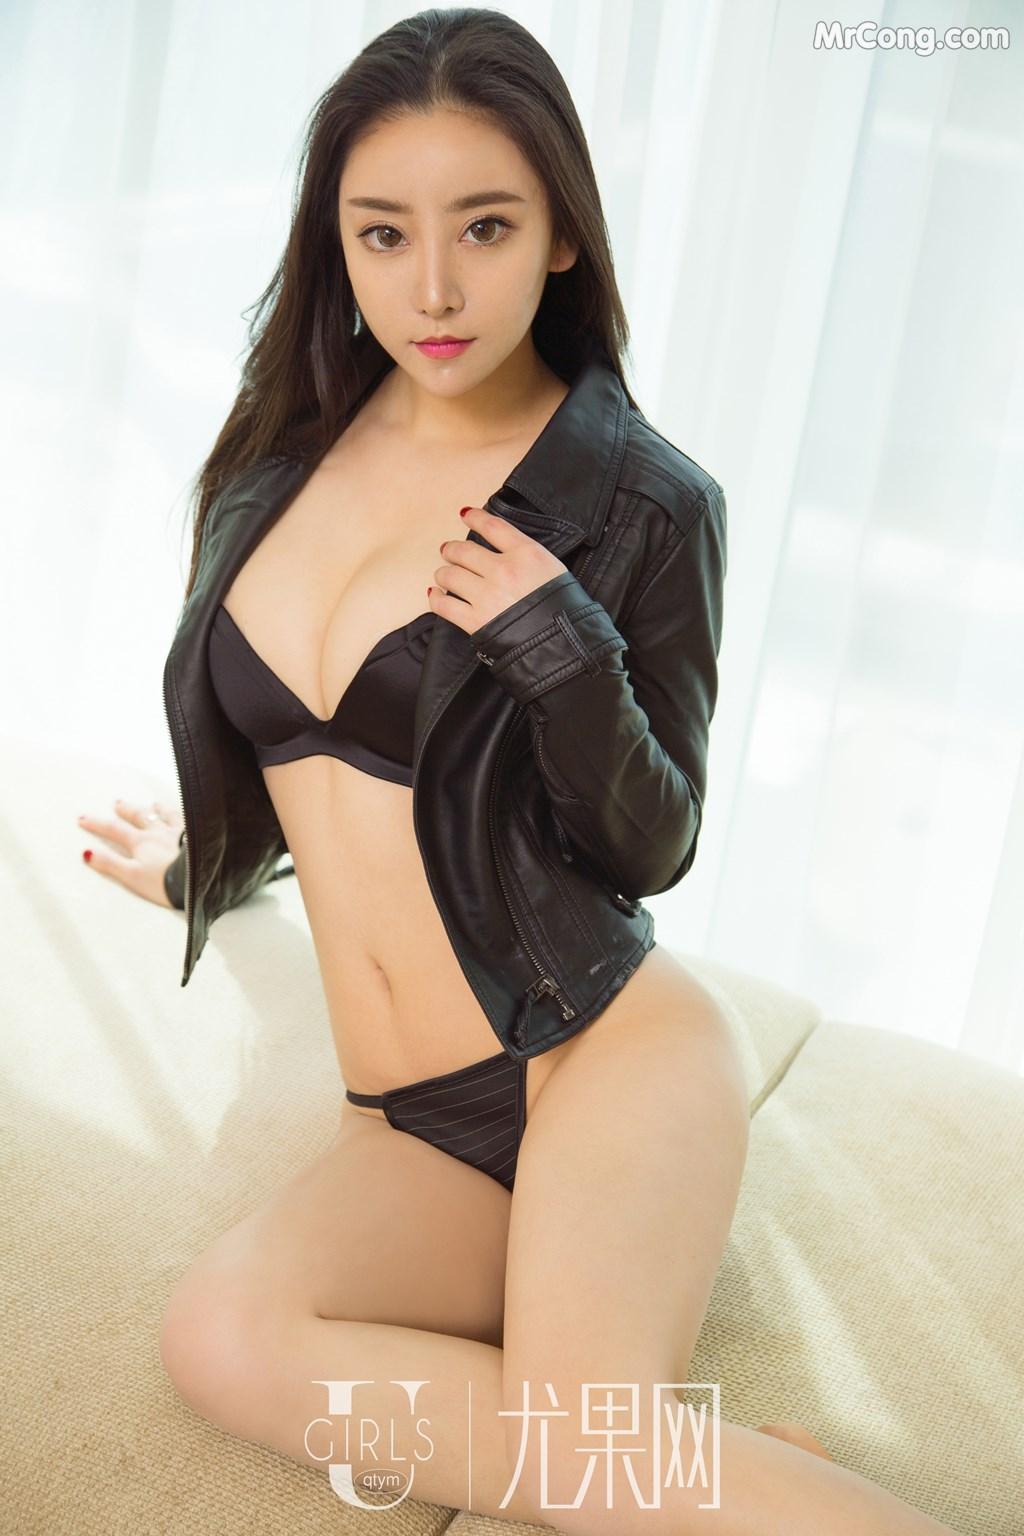 Image UGIRLS-U369-Han-Mo-Yu-MrCong.com-002 in post UGIRLS U369: Người mẫu Han Mo Yu (韩沫瑜) (66 ảnh)